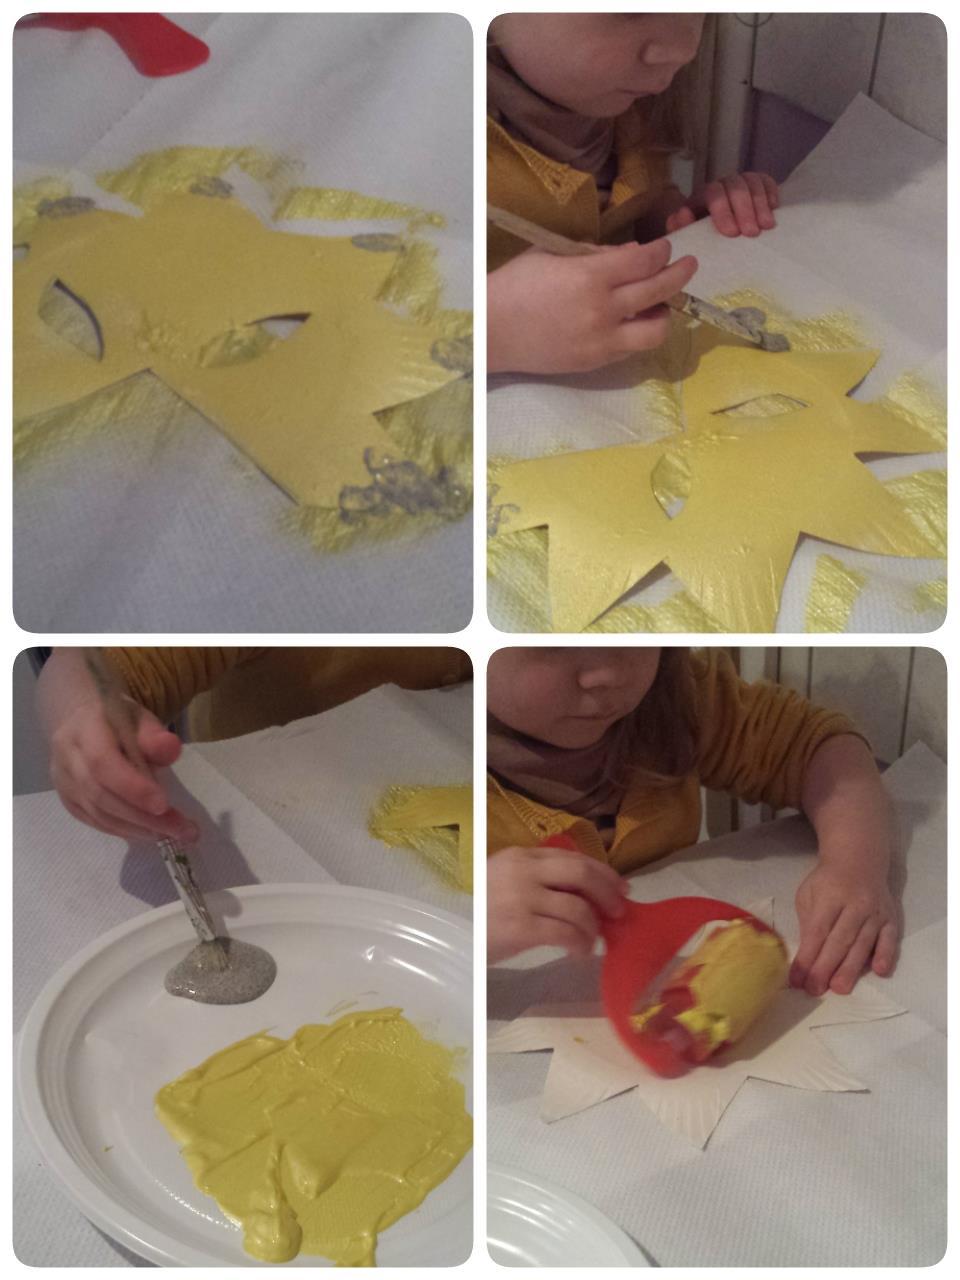 Mélina, peind son masque, petite enfance, Collin Sylvie assistante maternelle